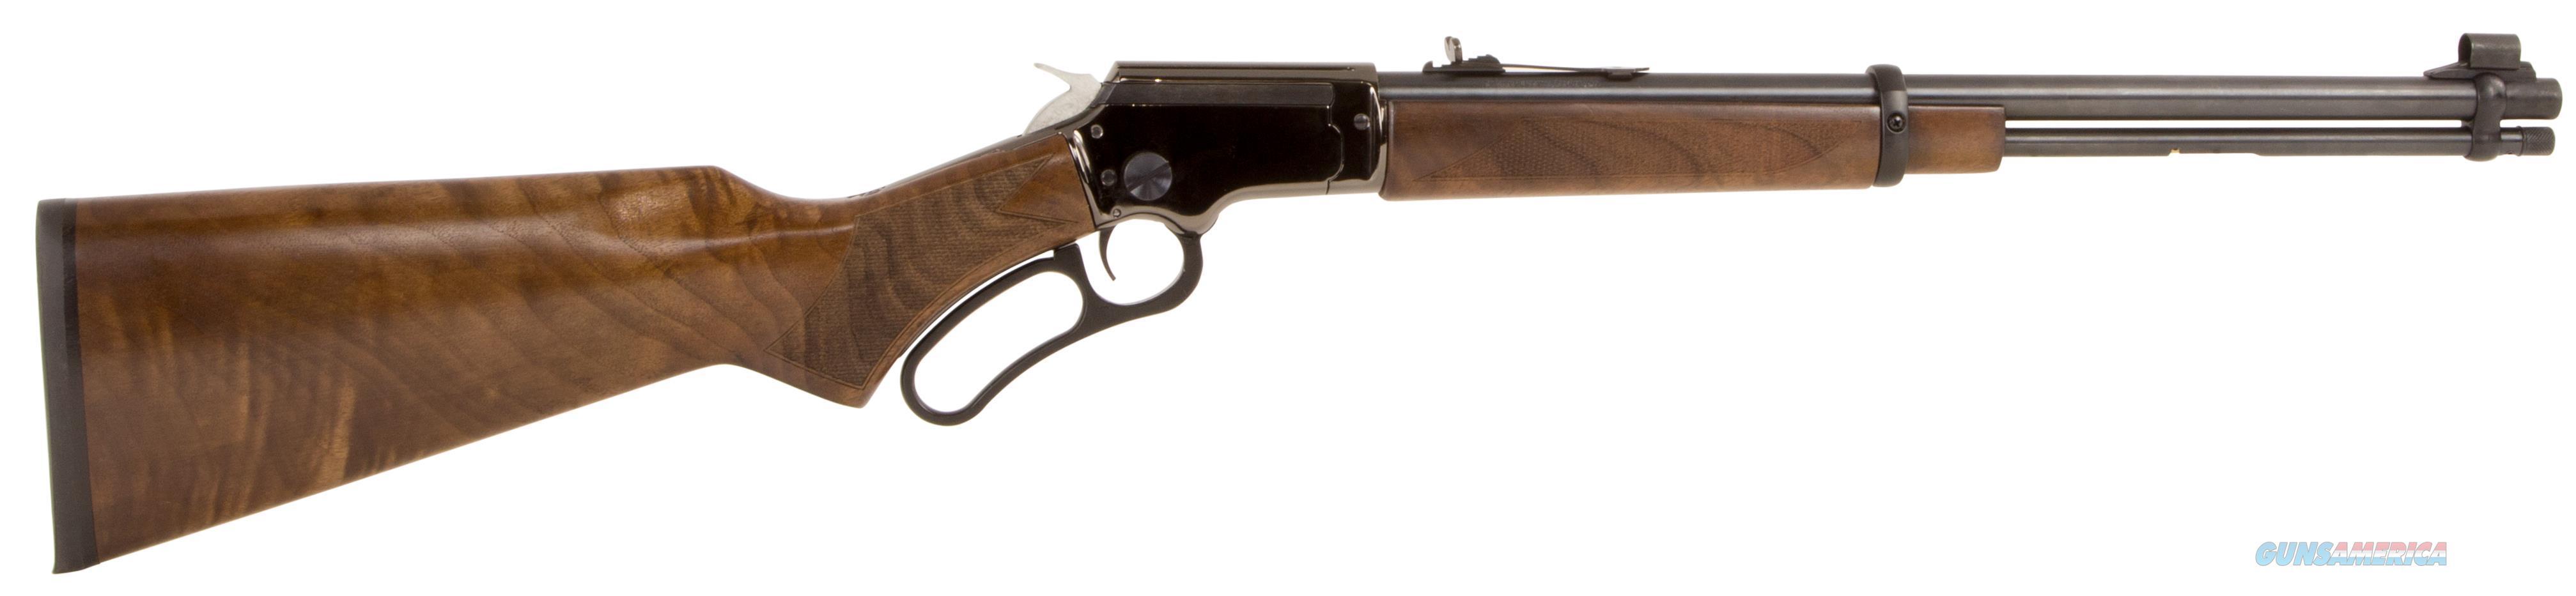 Chiappa Firearmsmks La322 Dlx Tkdwn 22Lr 18.5 920.373  Guns > Rifles > C Misc Rifles